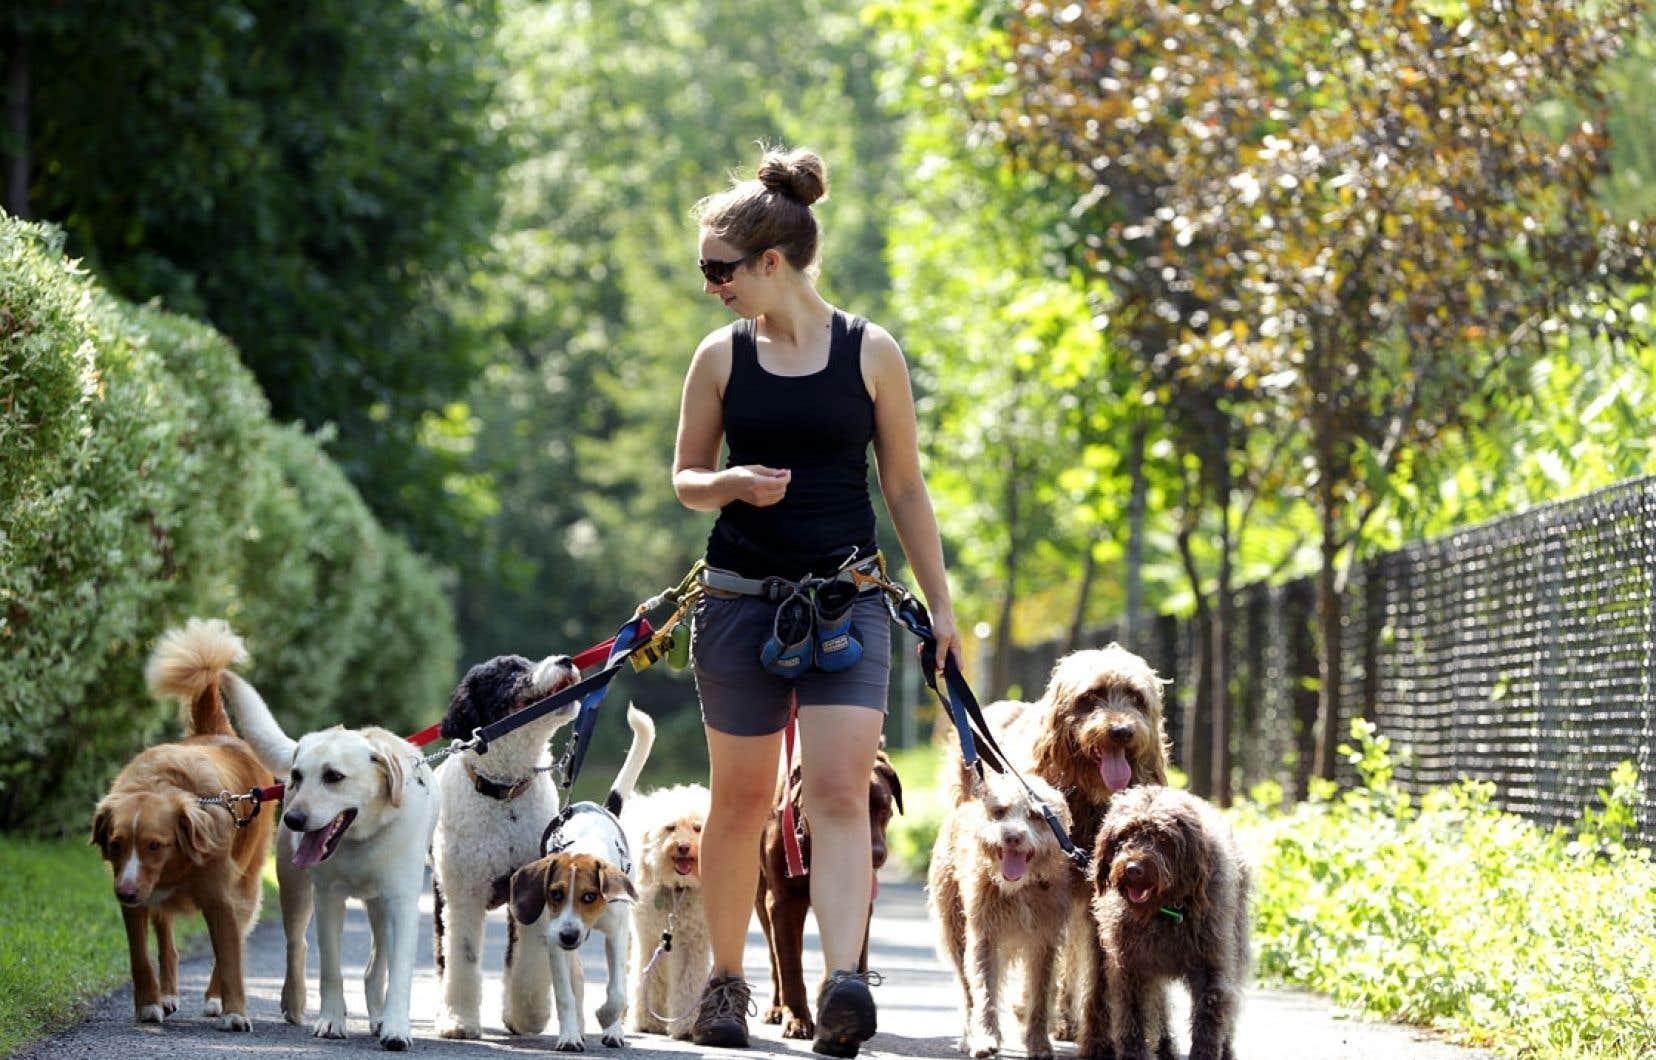 Émilie Rivard, promeneuse de chiens, et sa bande. Sa compagnie, Chien Sourire, a adopté Runmeter, une application mobile permettant d'enregistrer l'activité physique que font les chiens qu'on lui confie.